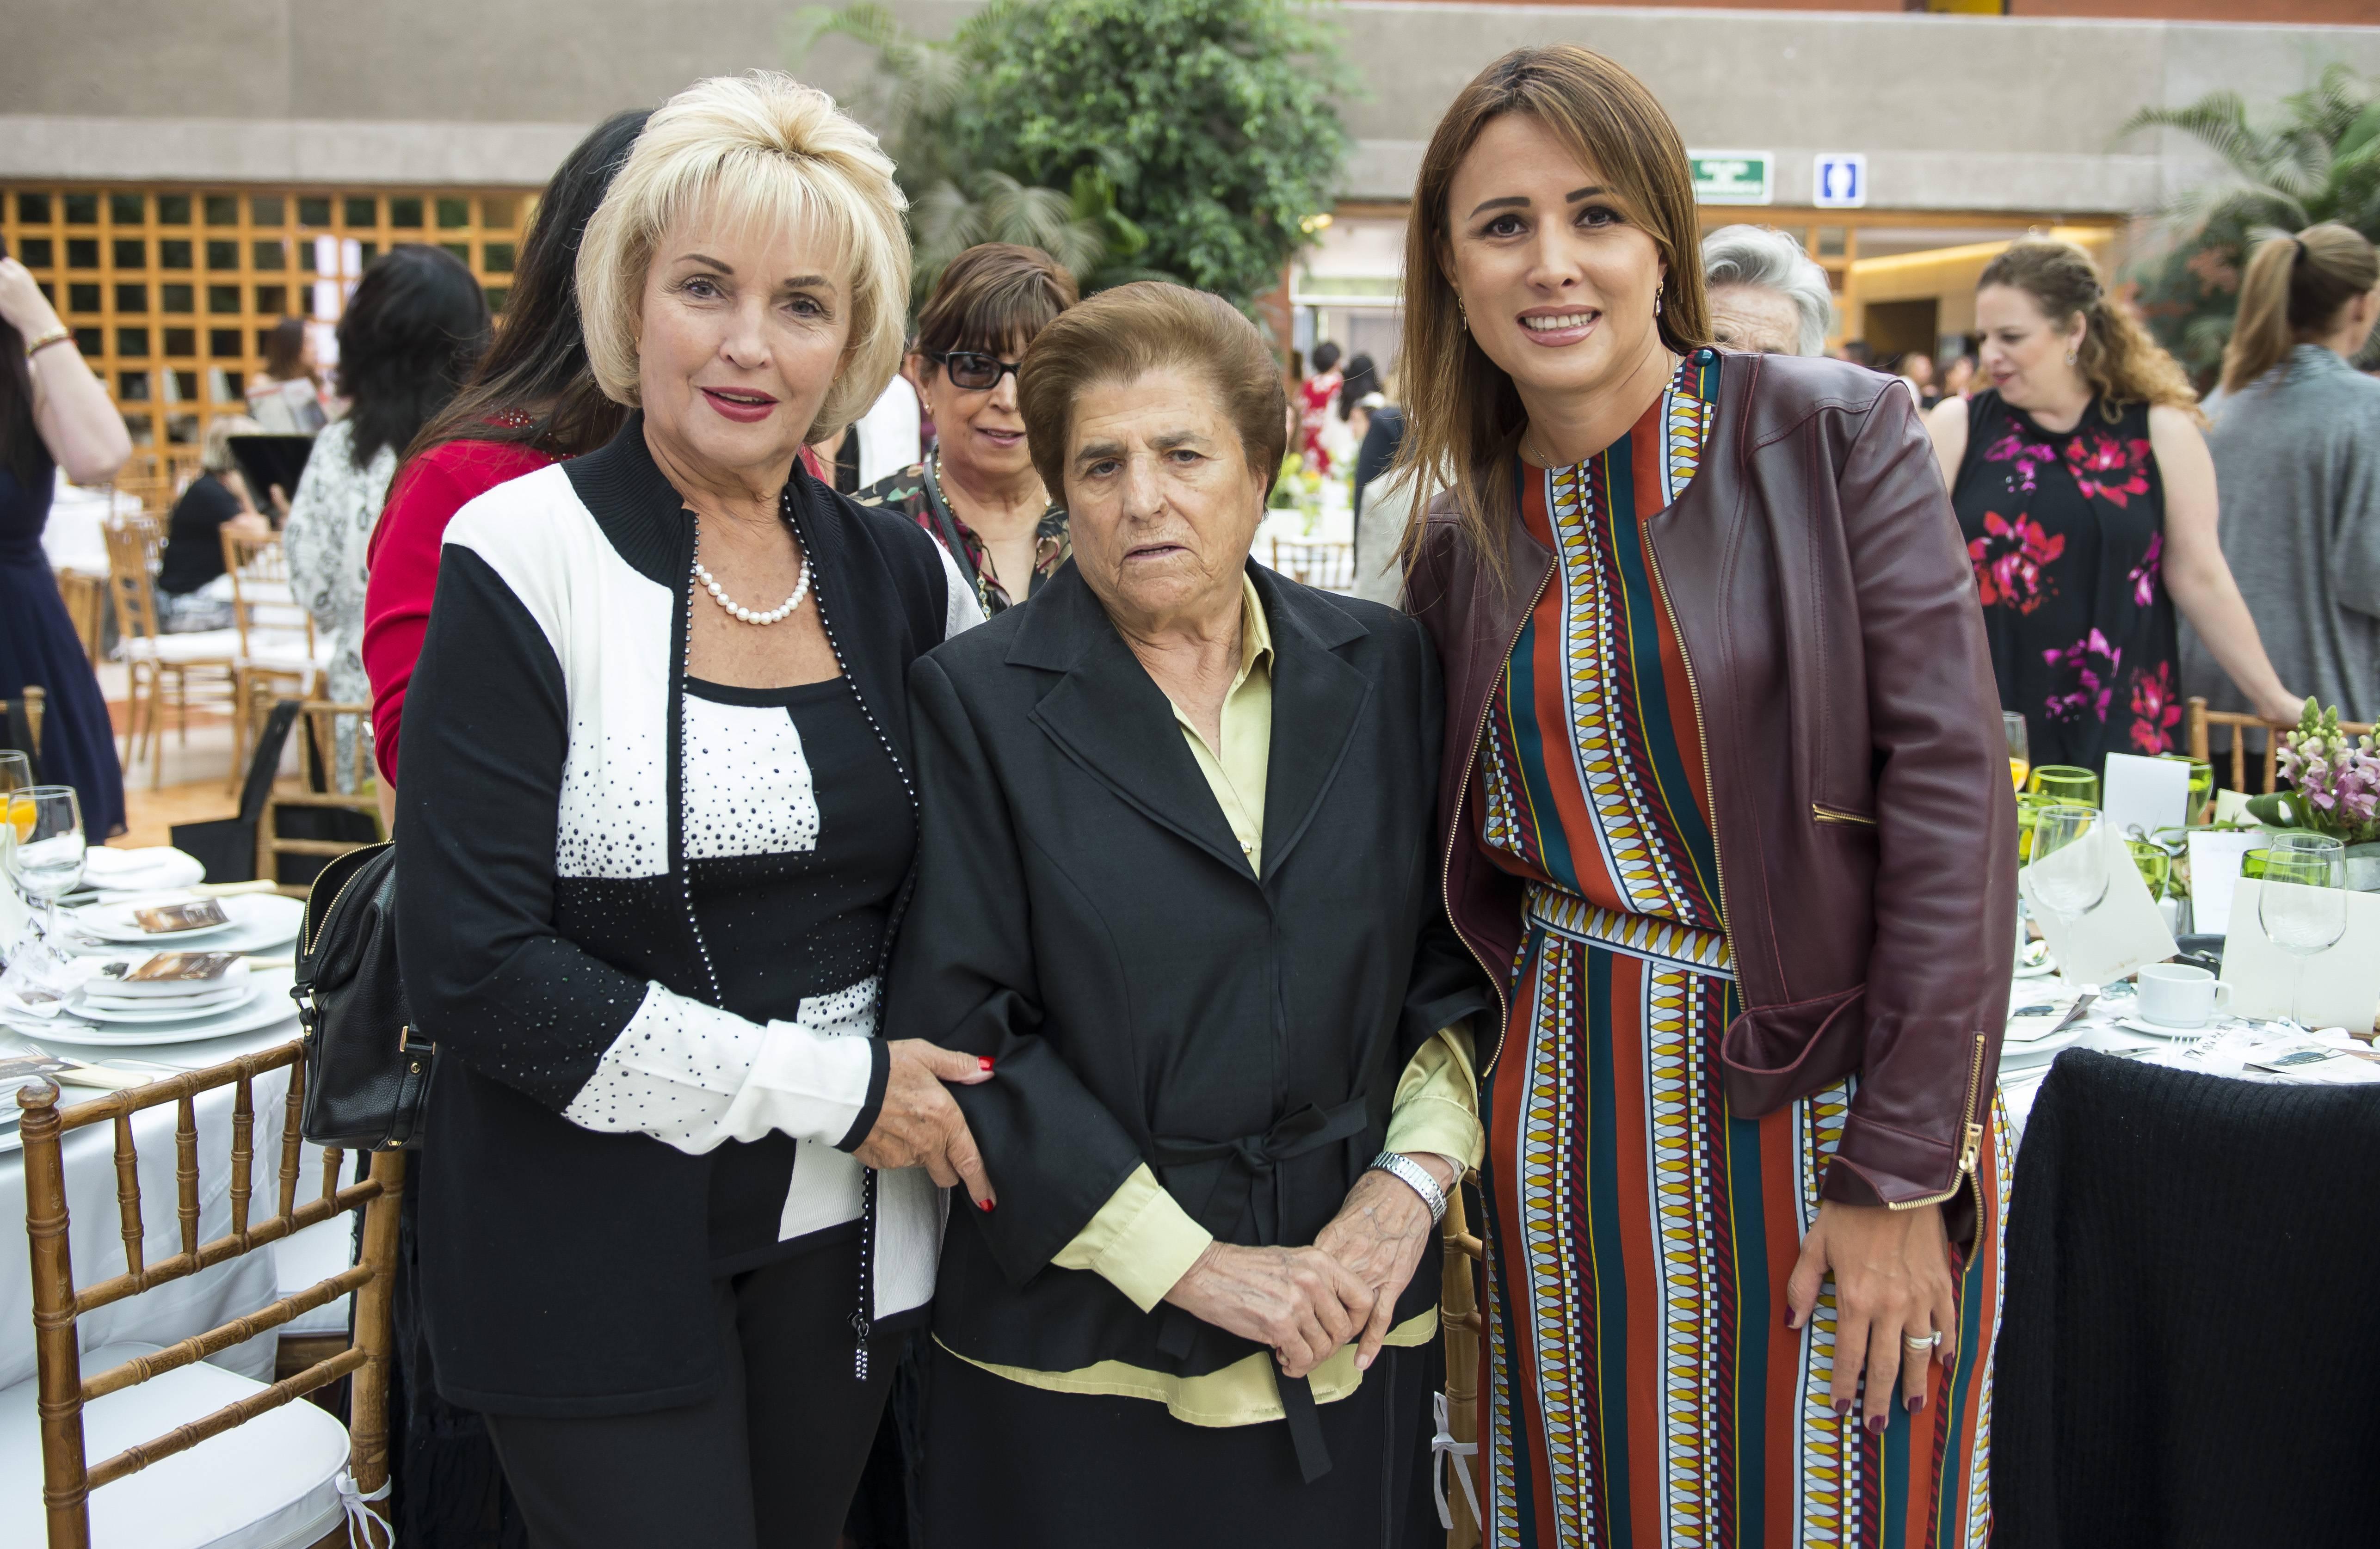 María Eugenia Hurtado, Sor Salud y Adriana Rivera. Al festejo asistieron la madre y hermana de la Premiera Dama, Angélica Rivera. JDS